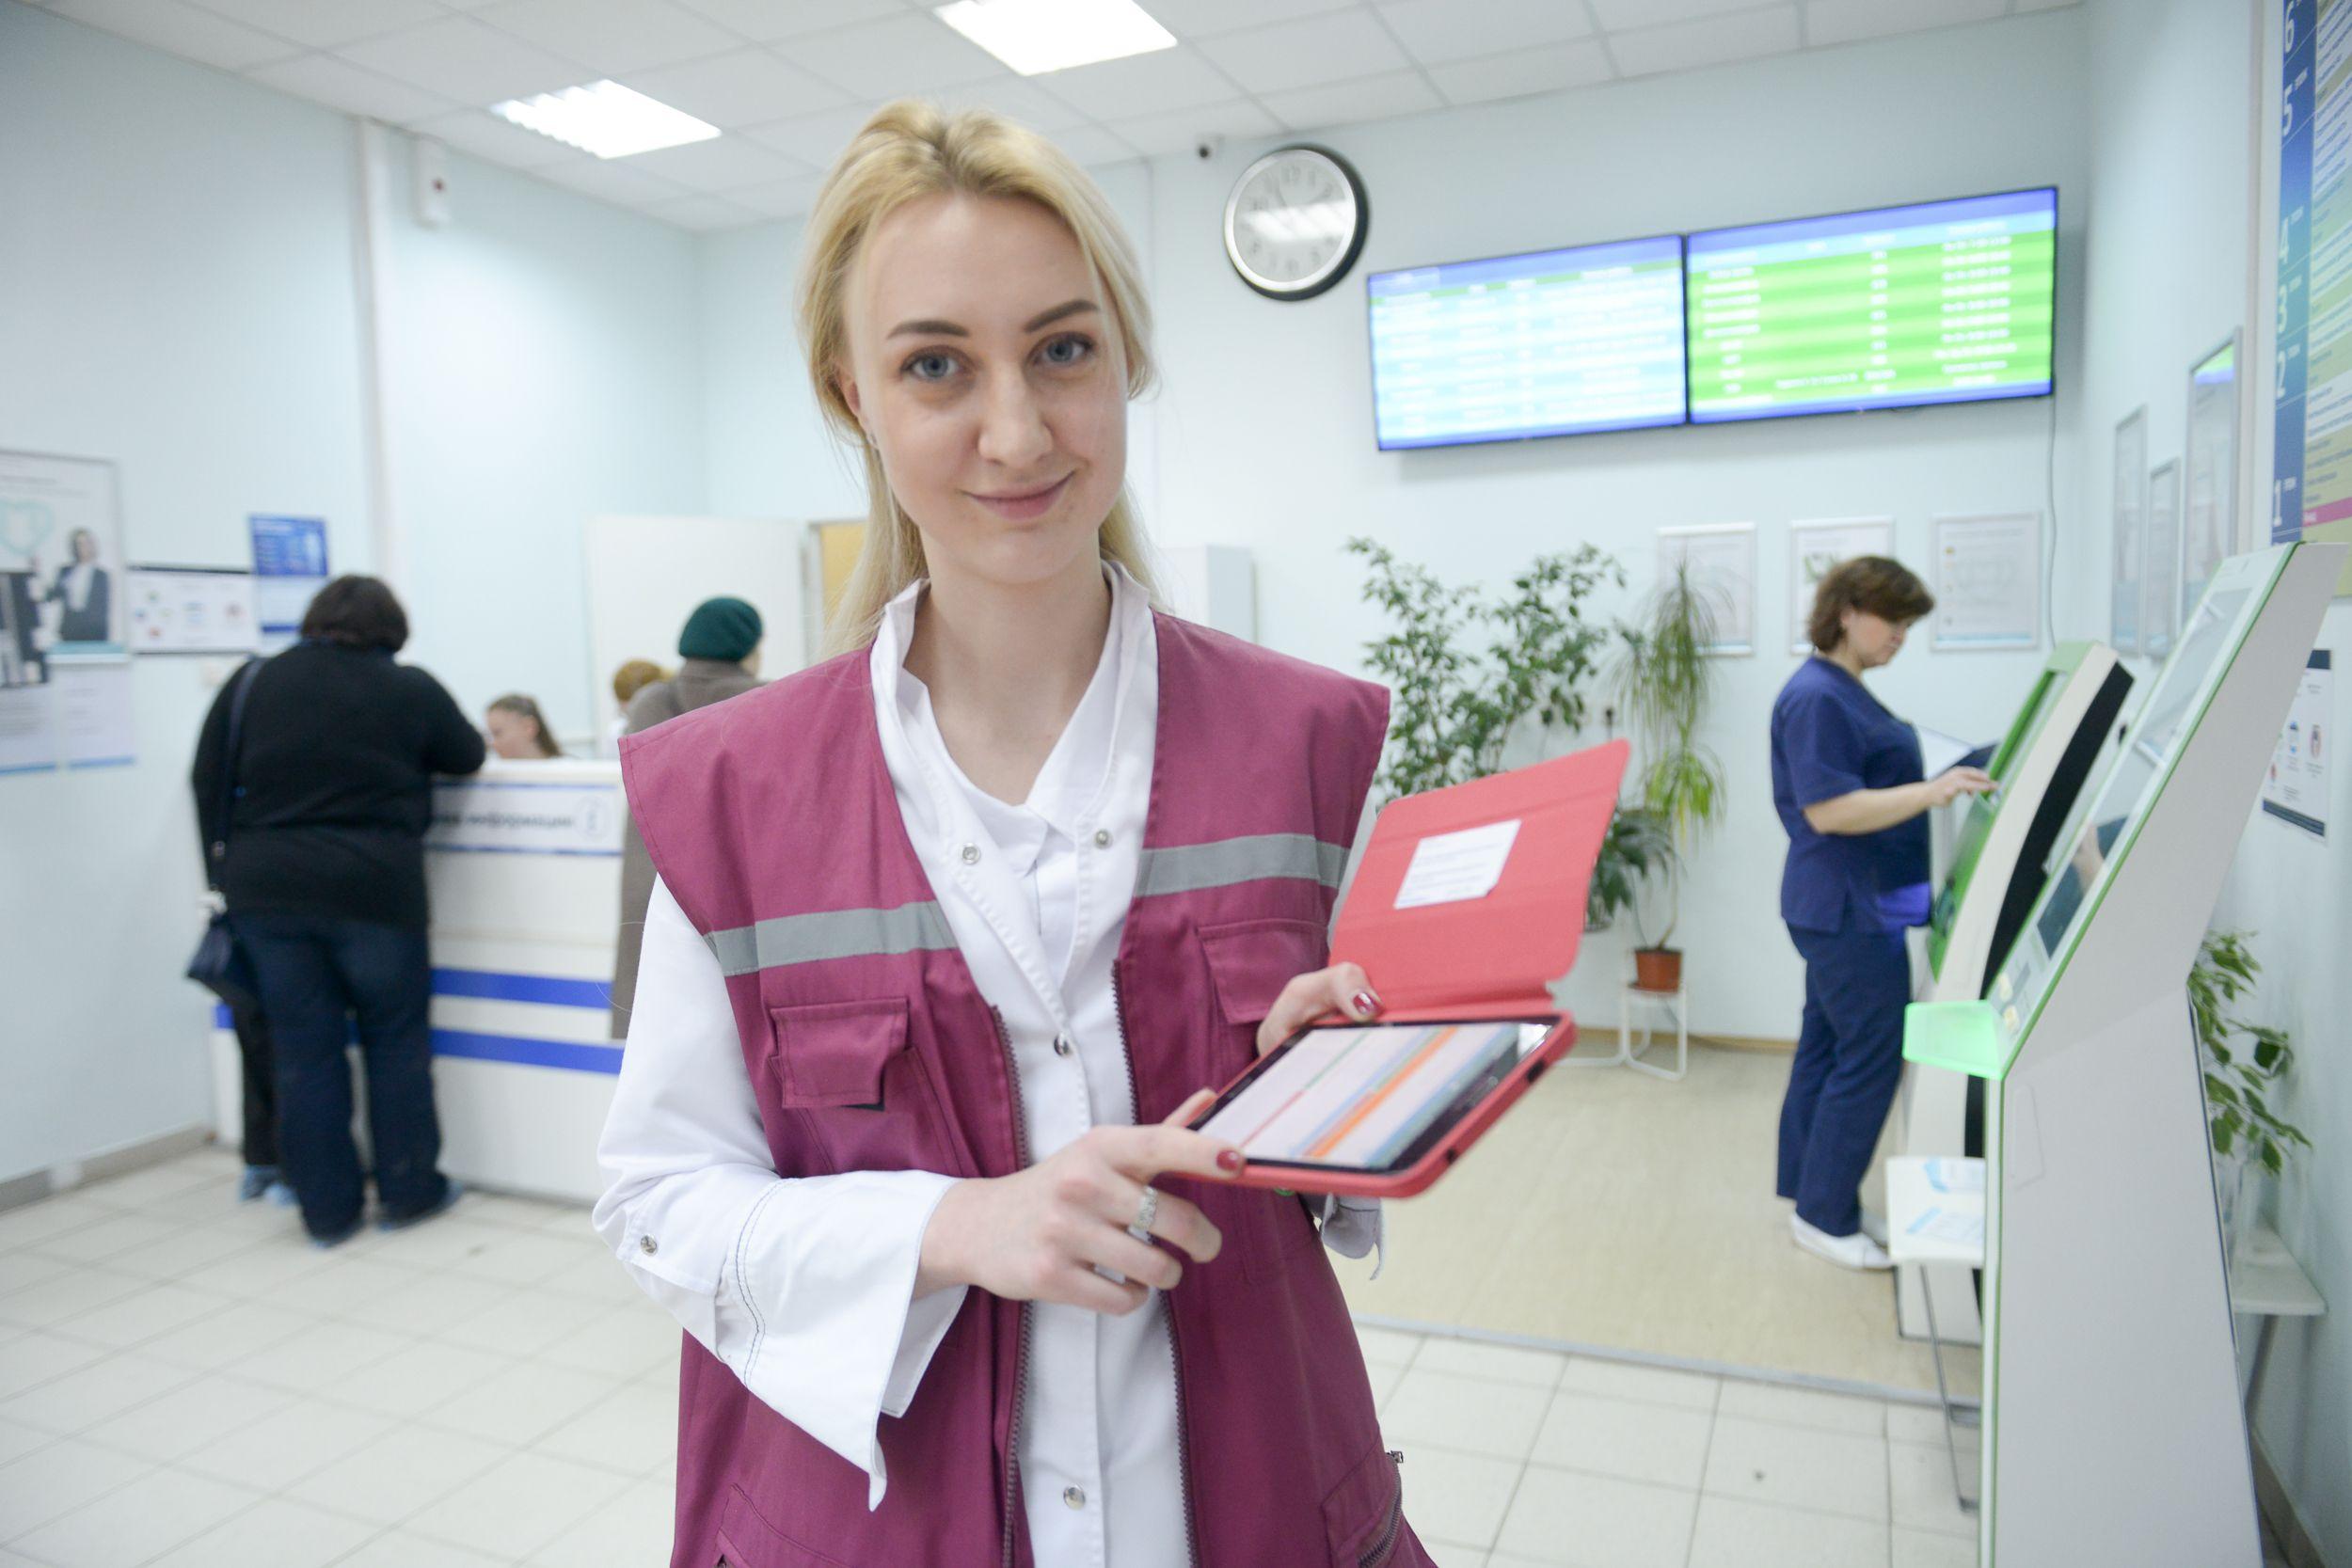 Участники проекта «Активный гражданин» оценят электронную медкарту